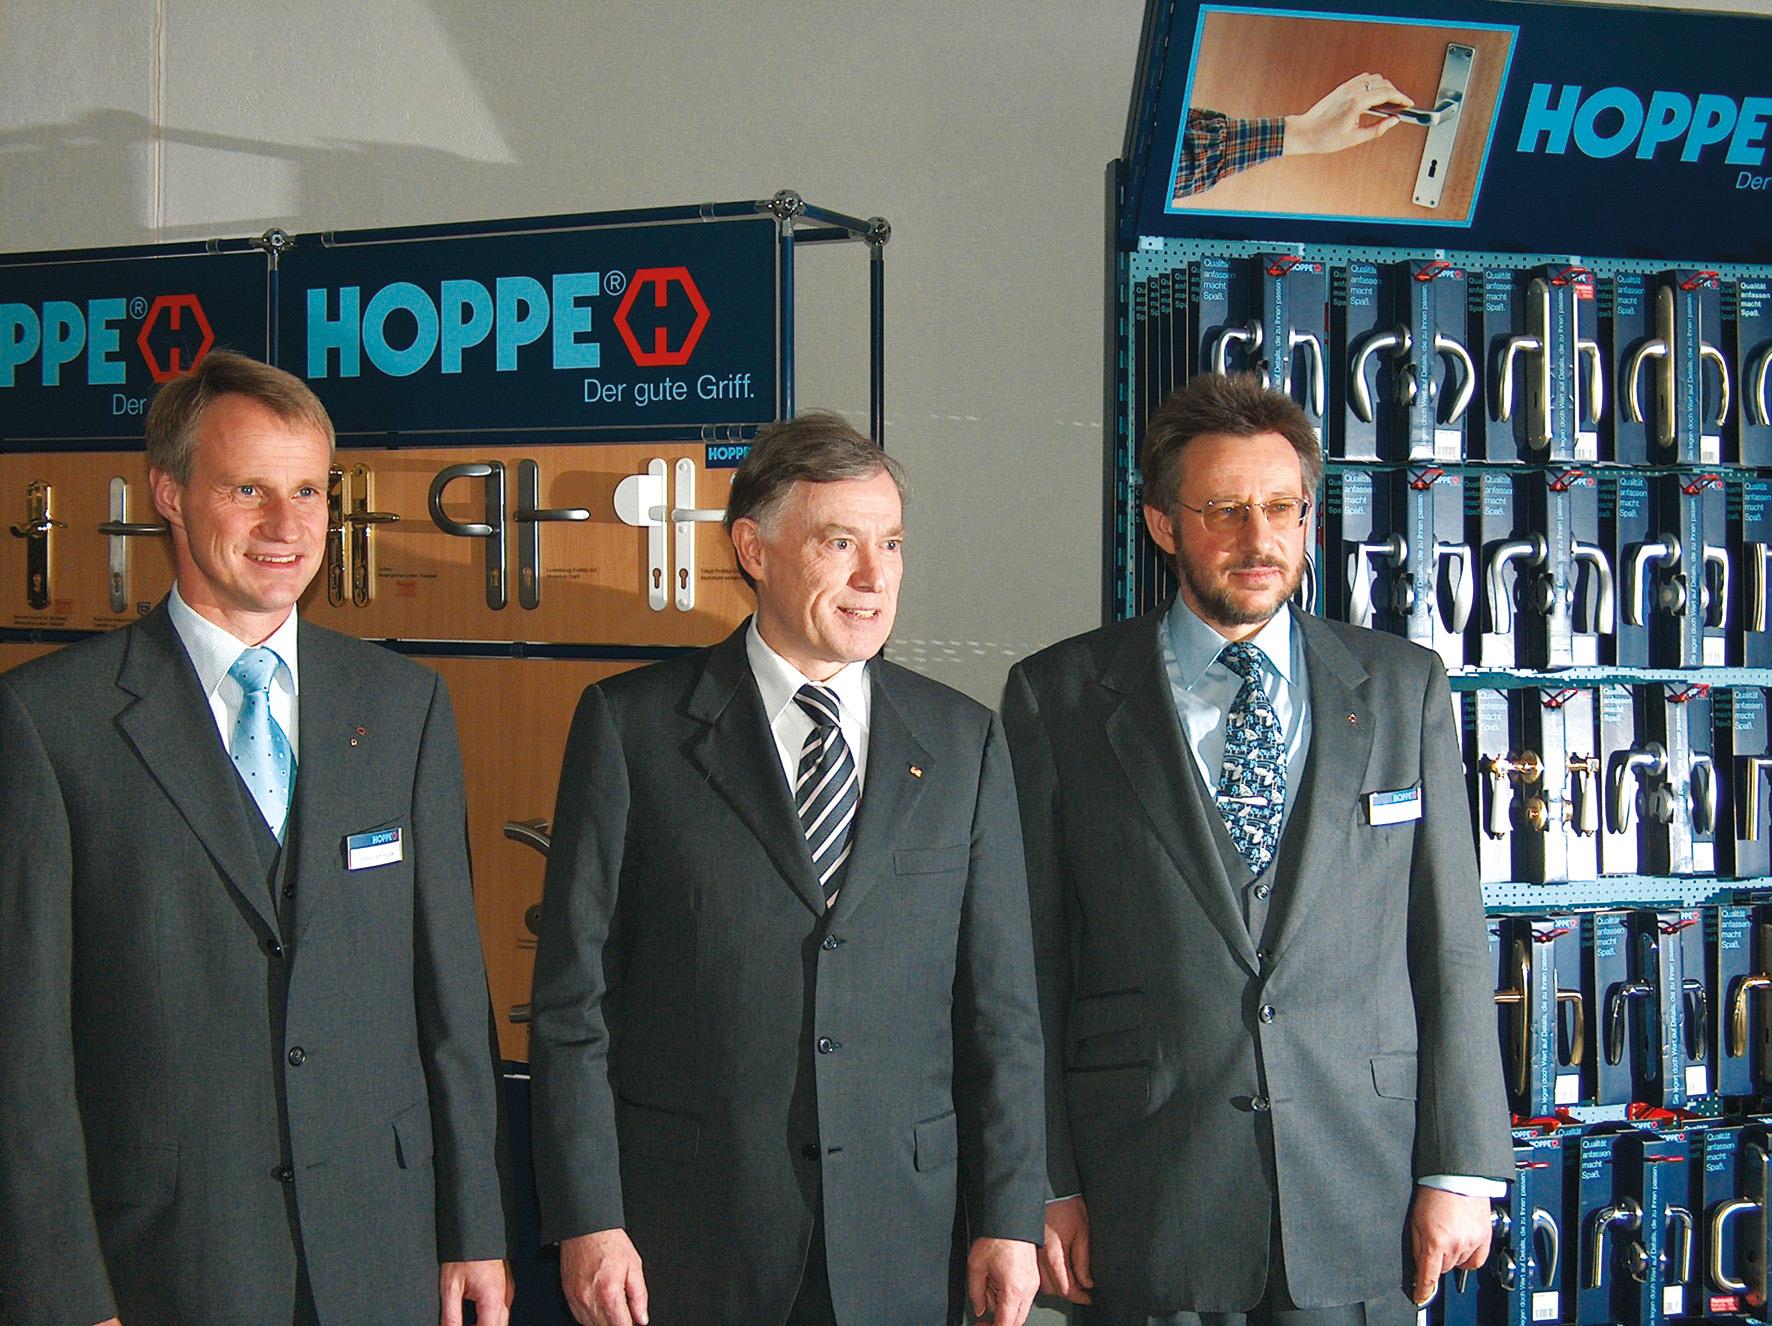 09.12.2005 r.: Wizyta prezydenta Niemiec Horsta Köhlera (w środku) w zakładzie HOPPE zlokalizowanym w Crottendorf